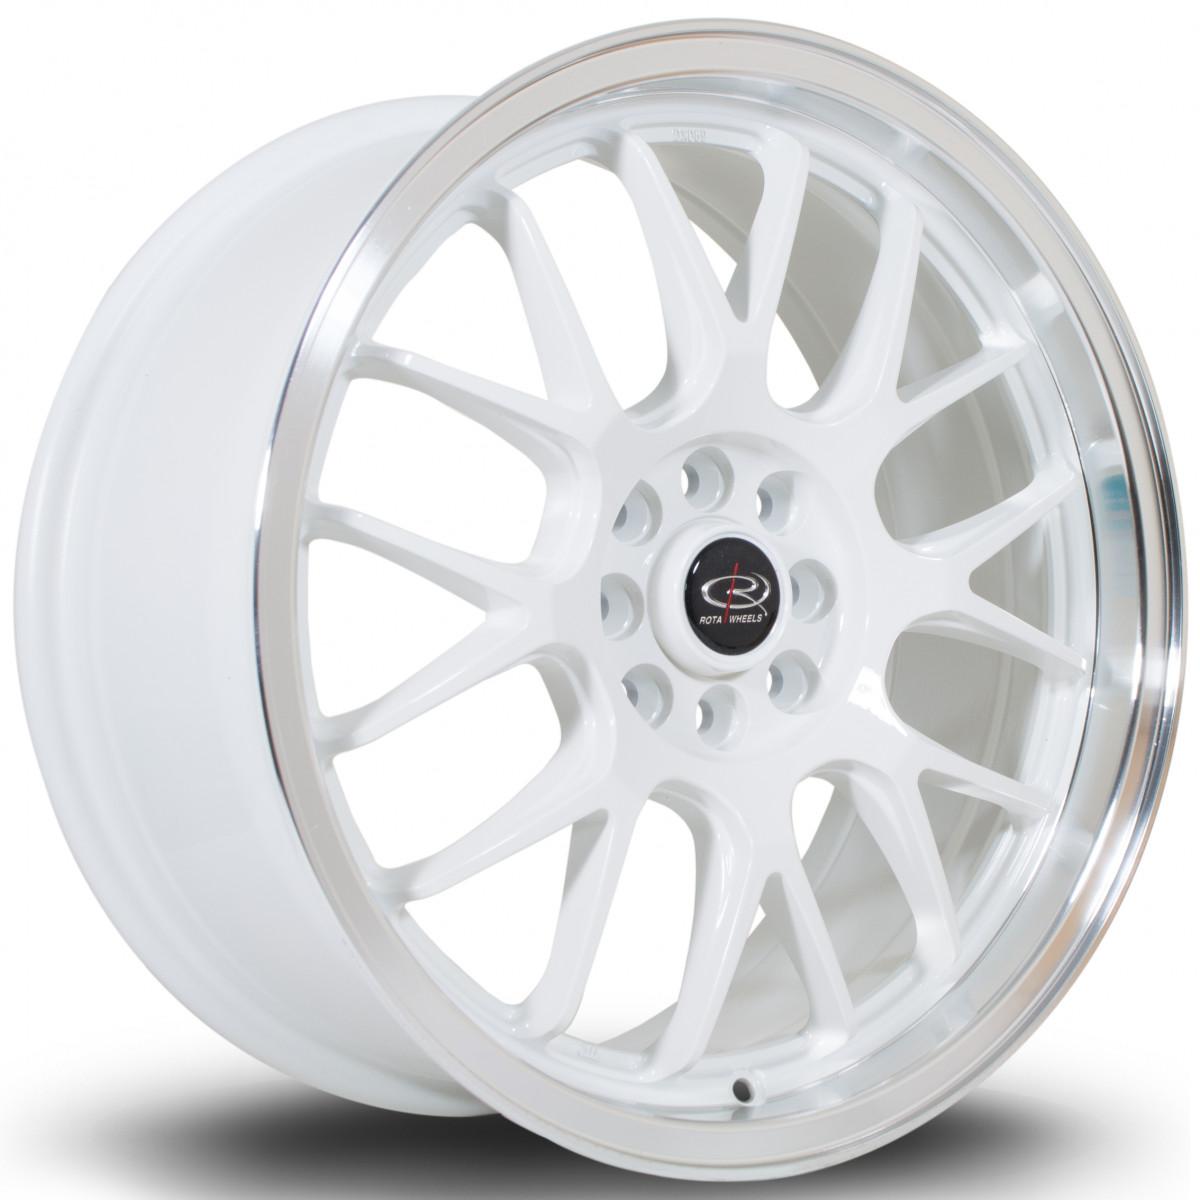 MXR 17x7.5 4x108 ET40 White with Polished Lip